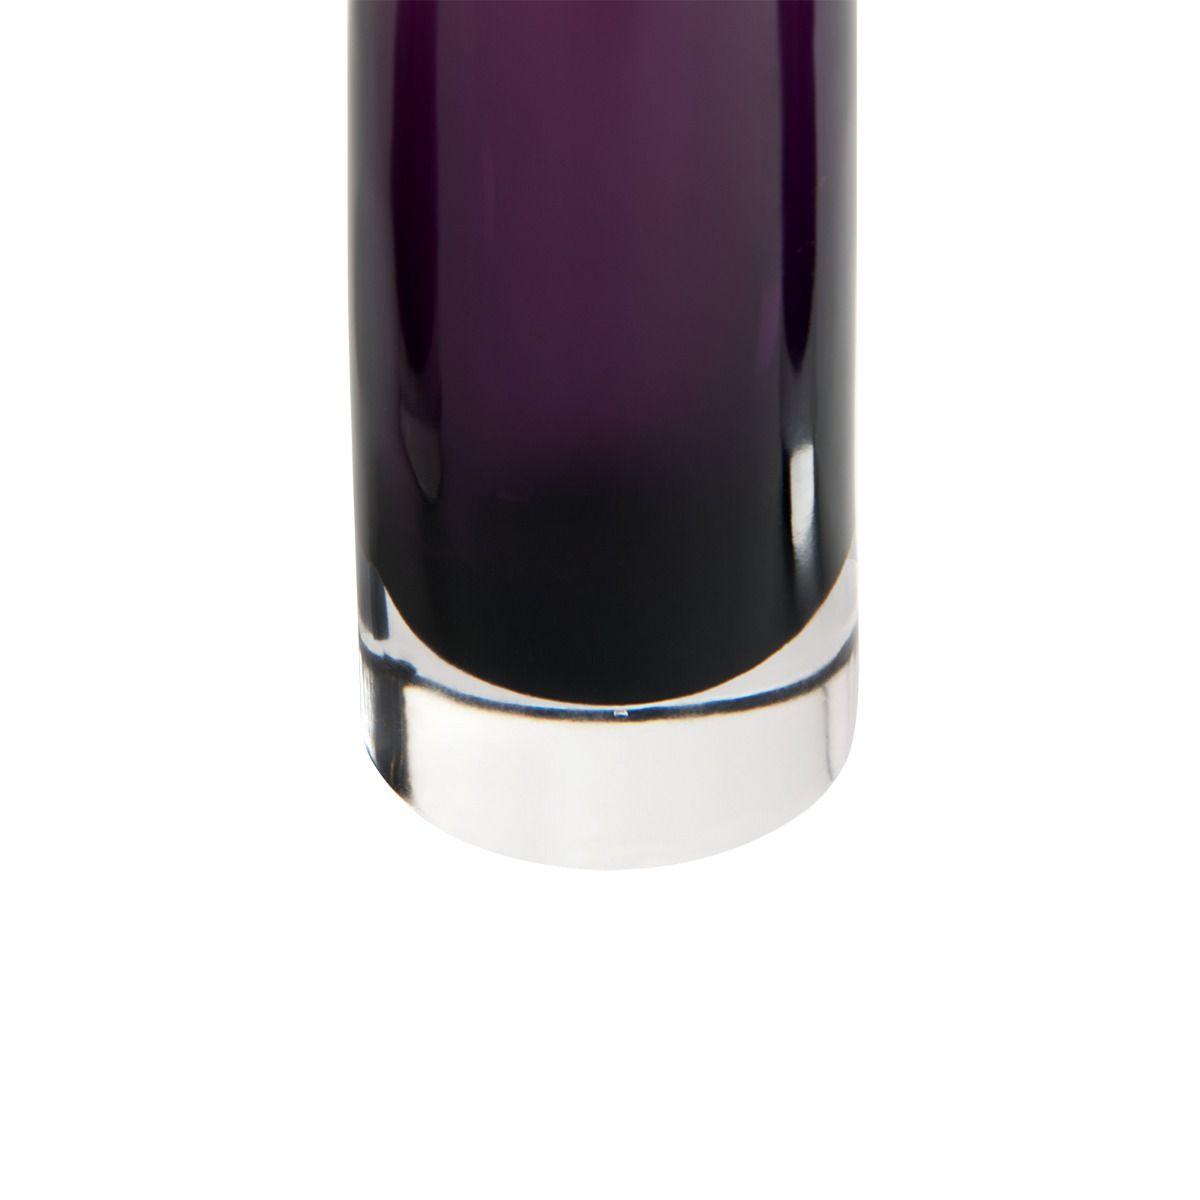 Botella Glass Vases Set   Purple